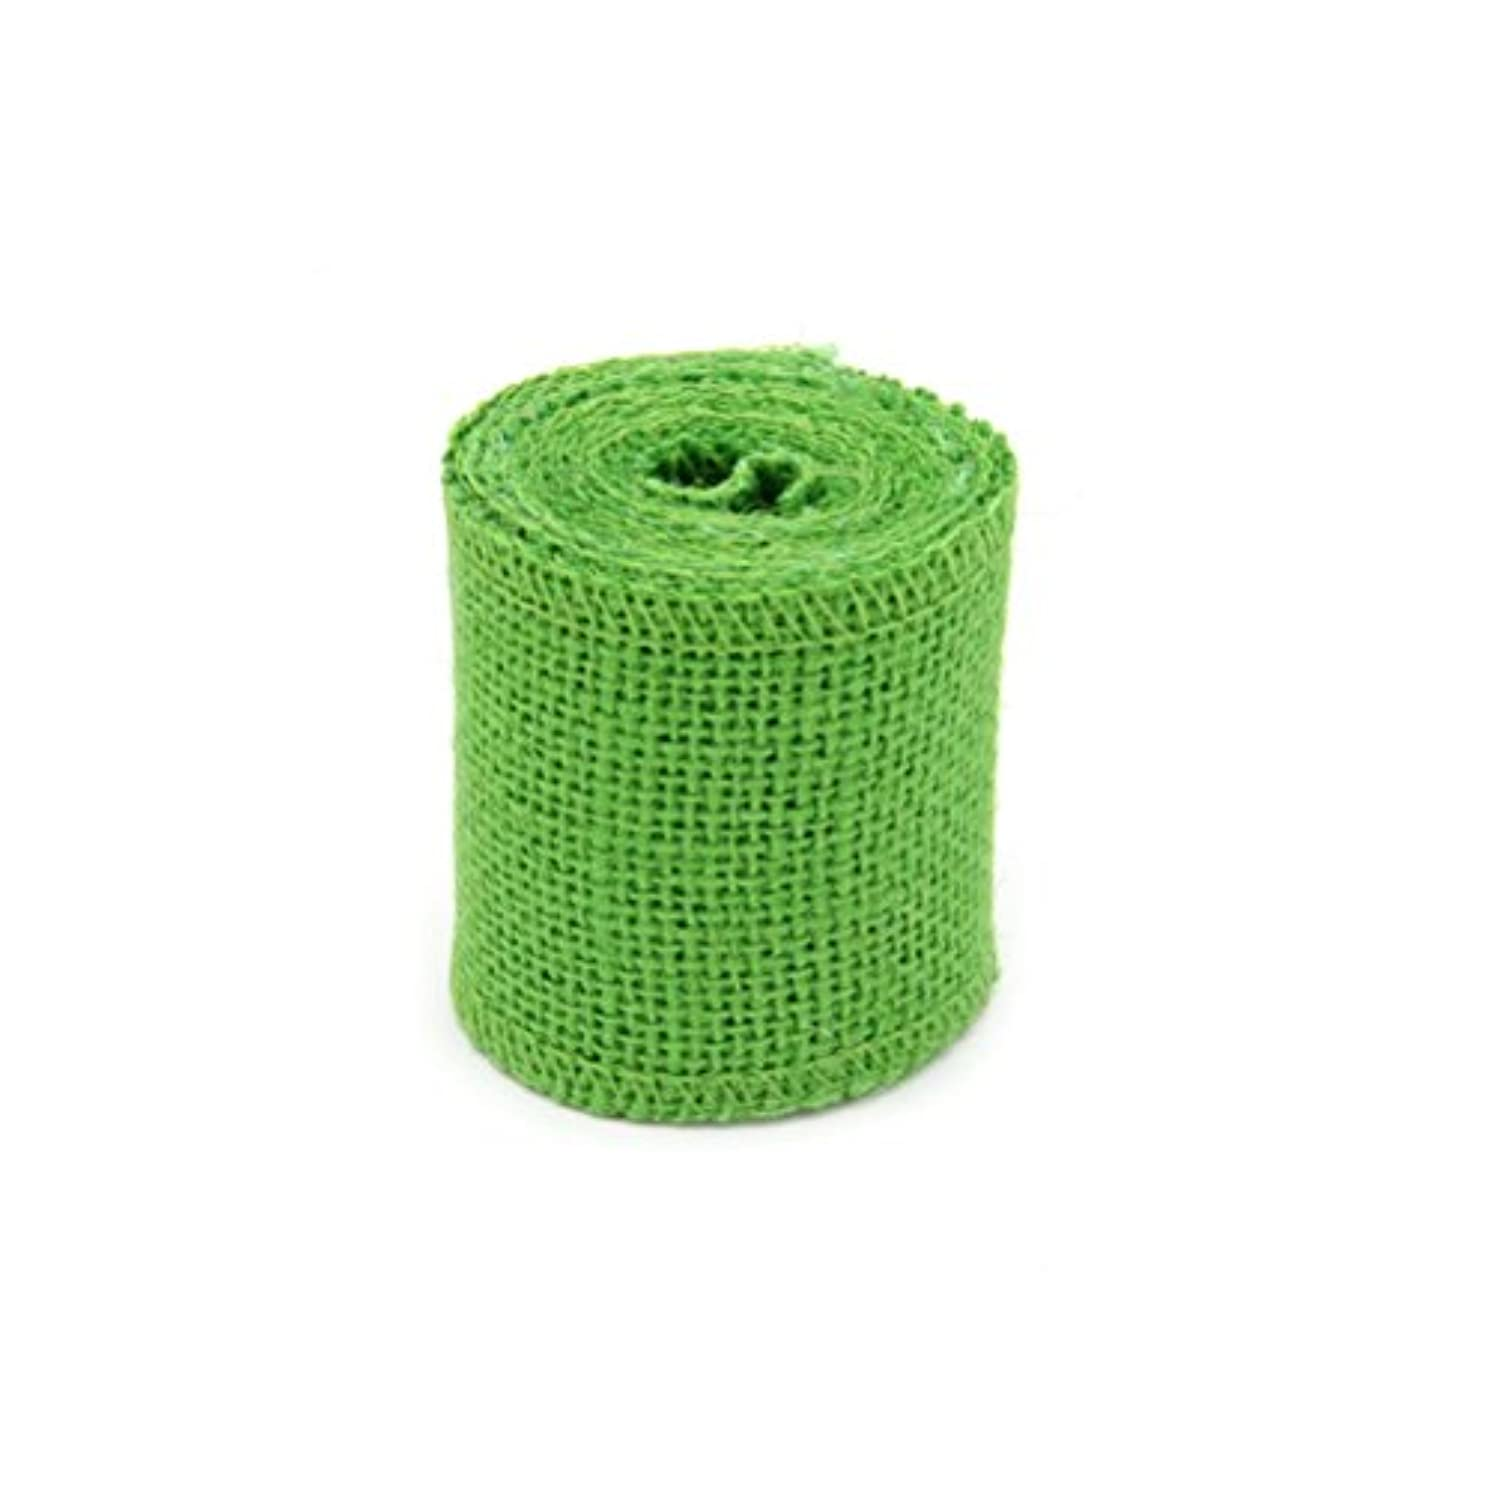 Toyvian クリスマスデコレーションのための2M Jute Burlapリボンロール(グリーン)